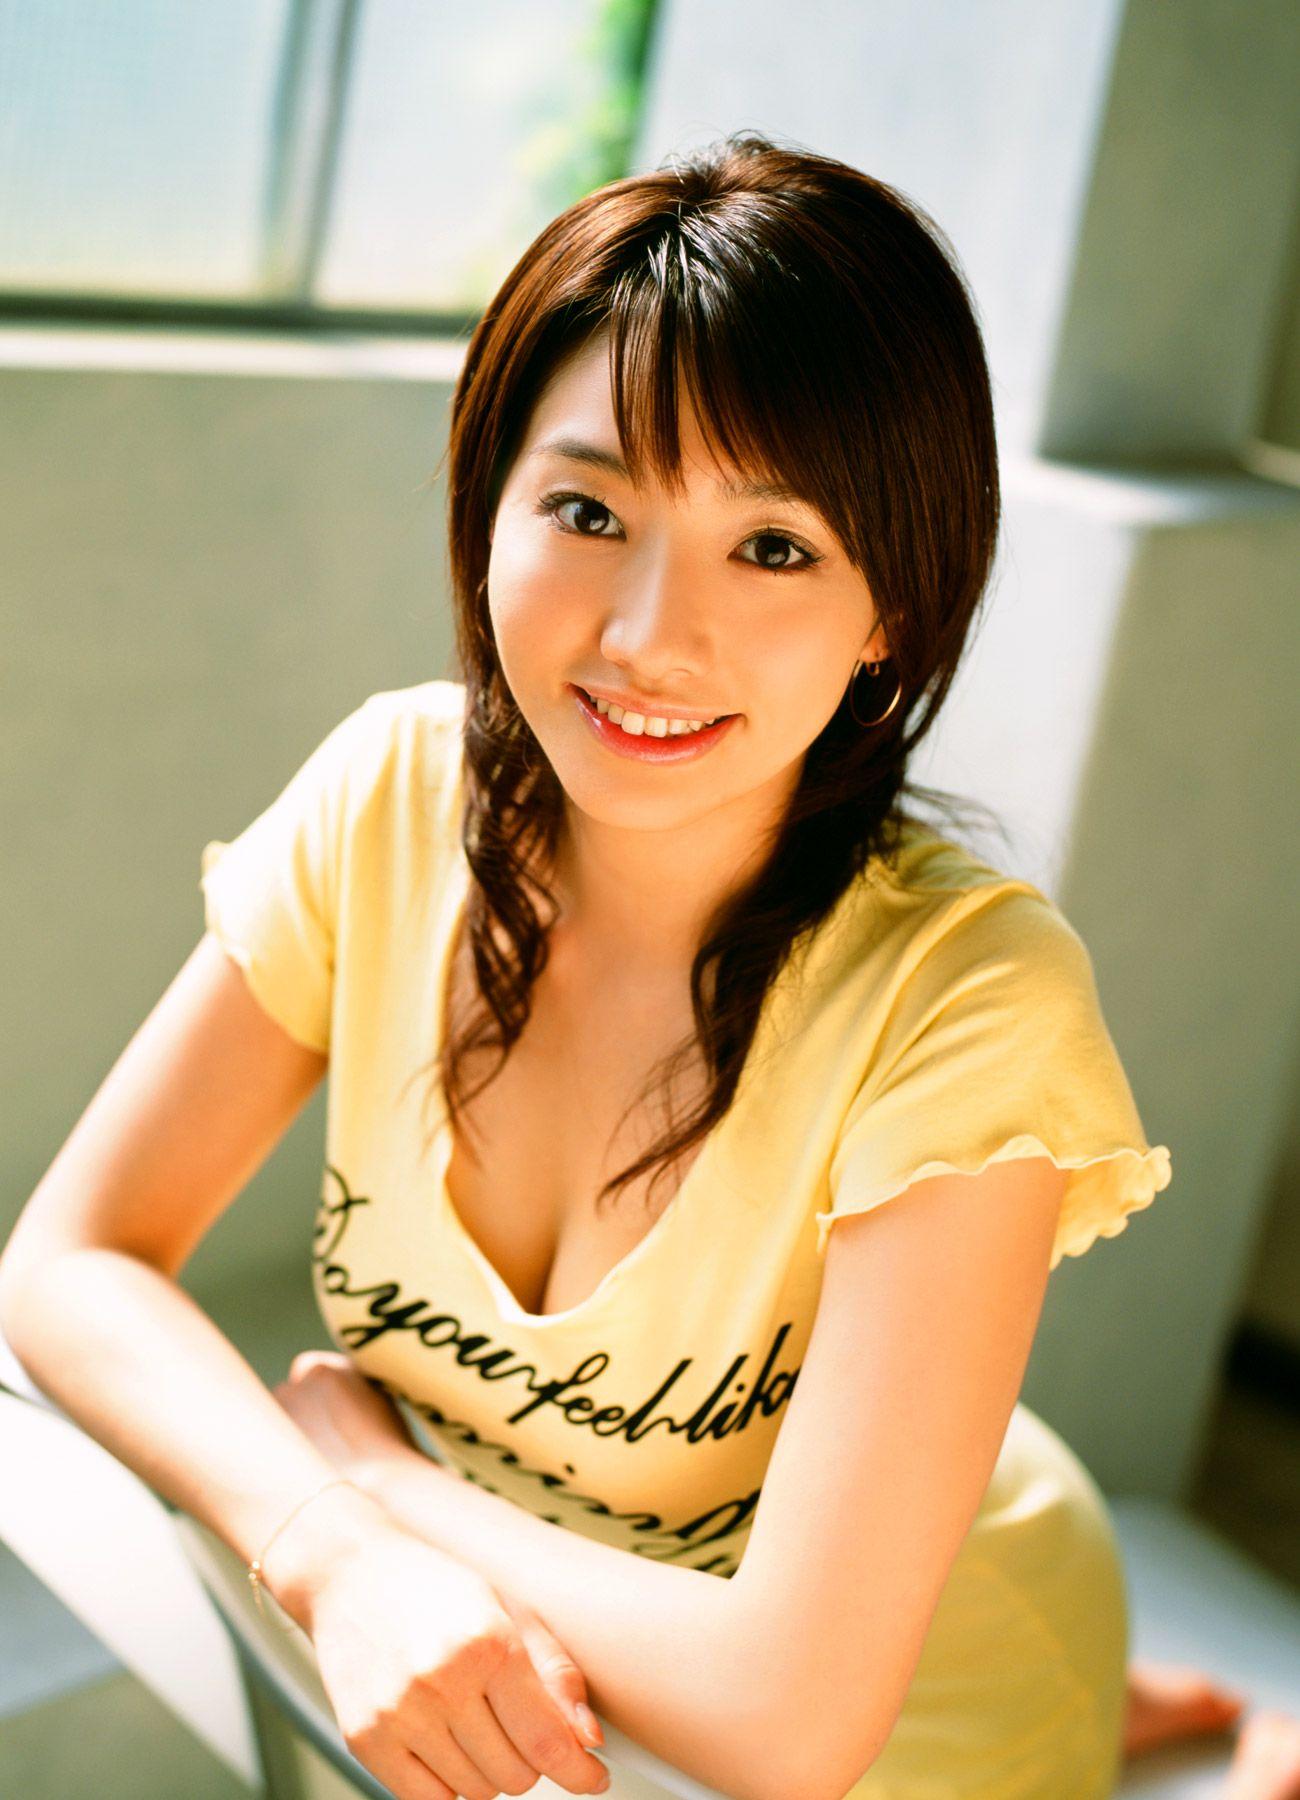 manabe_kawori113.jpg